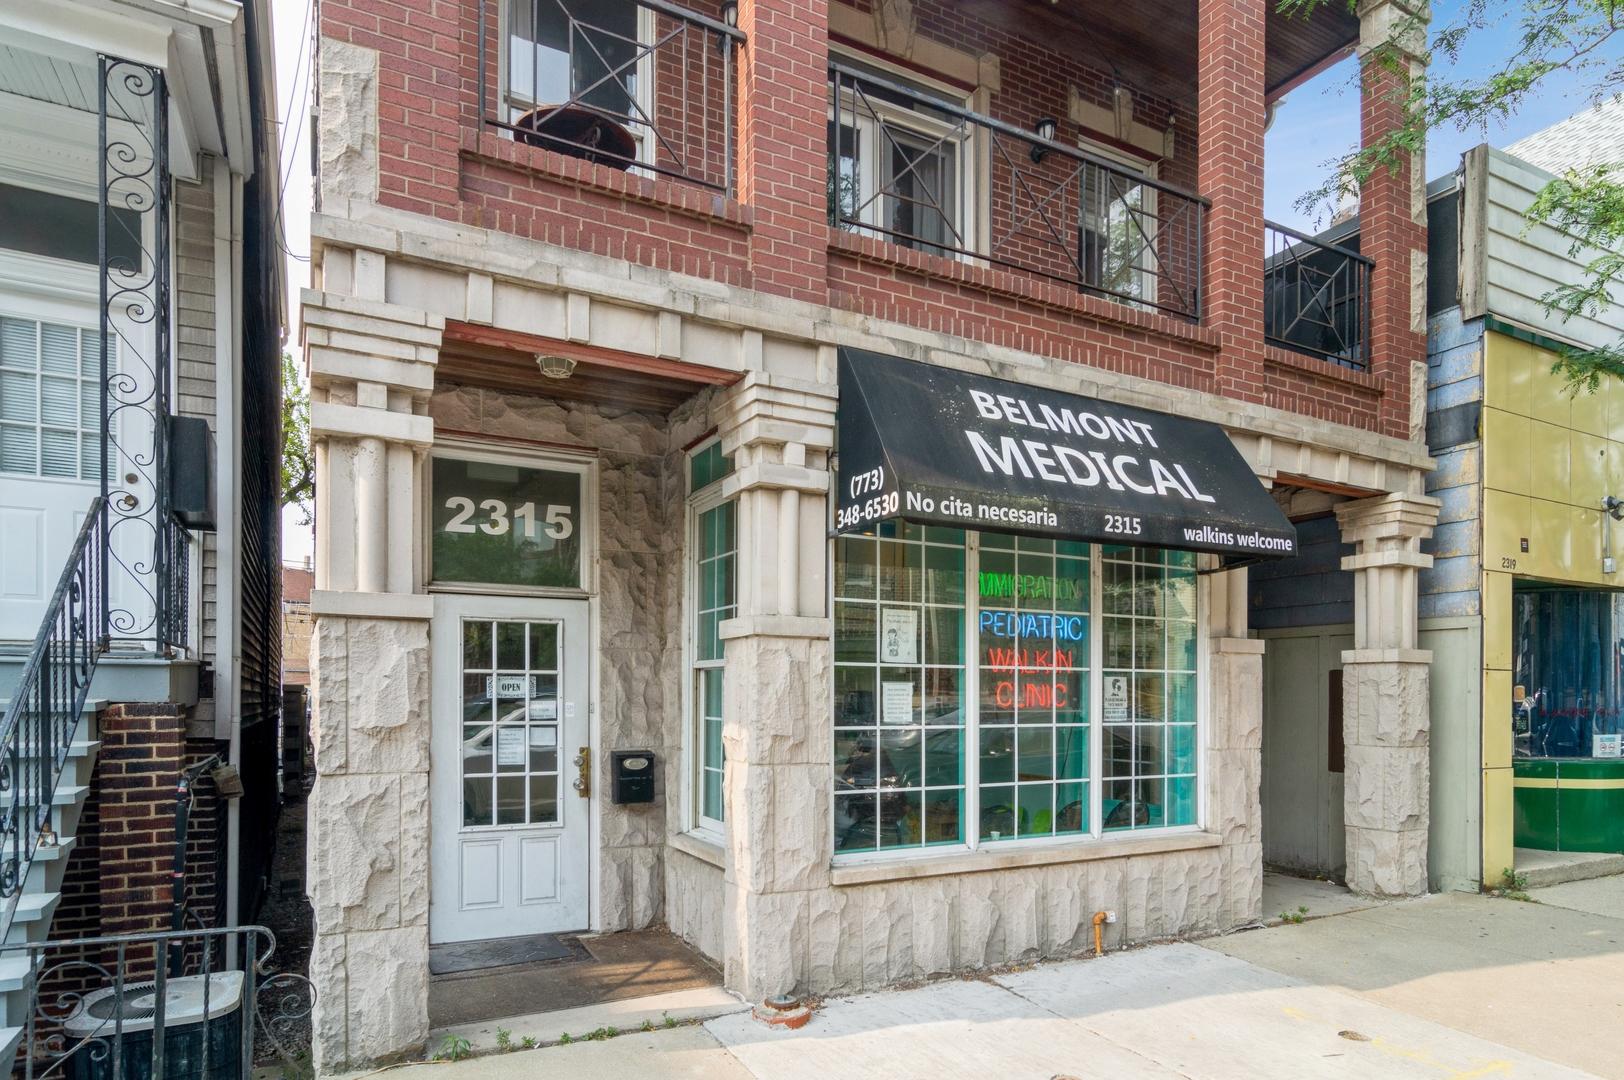 2315 W Belmont Avenue, Chicago, IL 60618